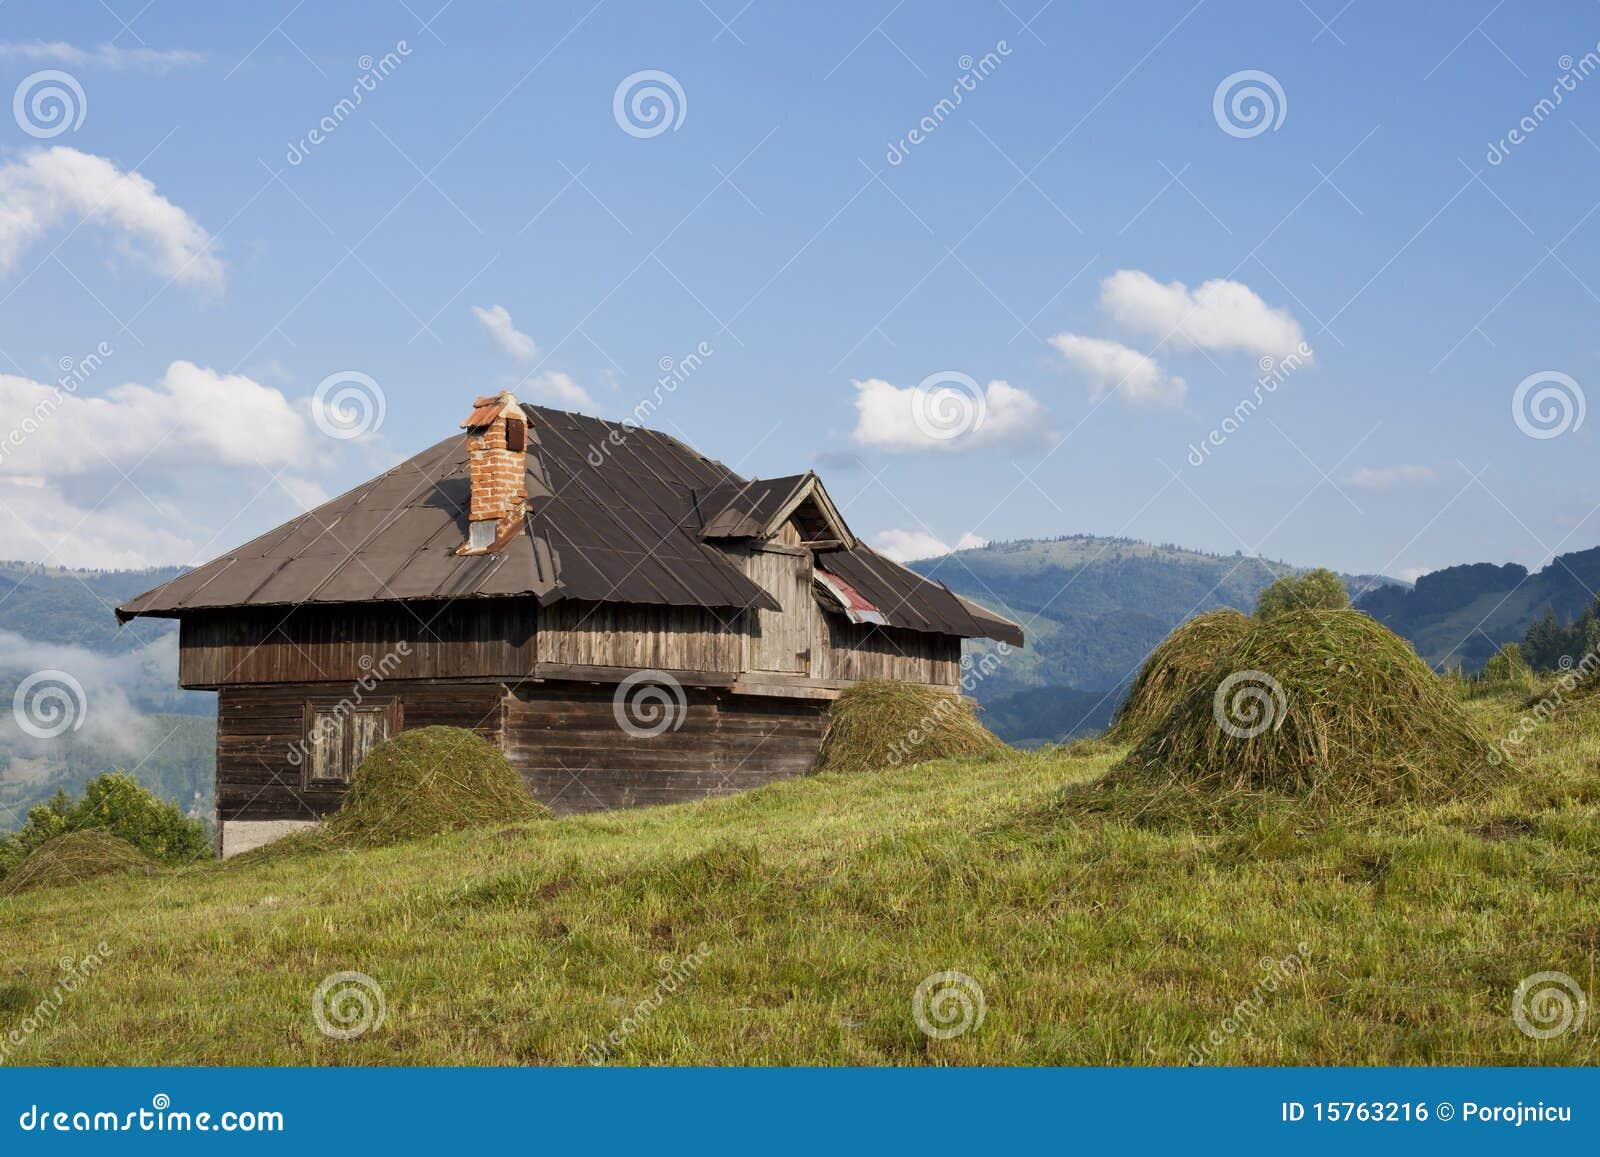 Maison rustique photo stock image du p turage ciel for Maison rustique